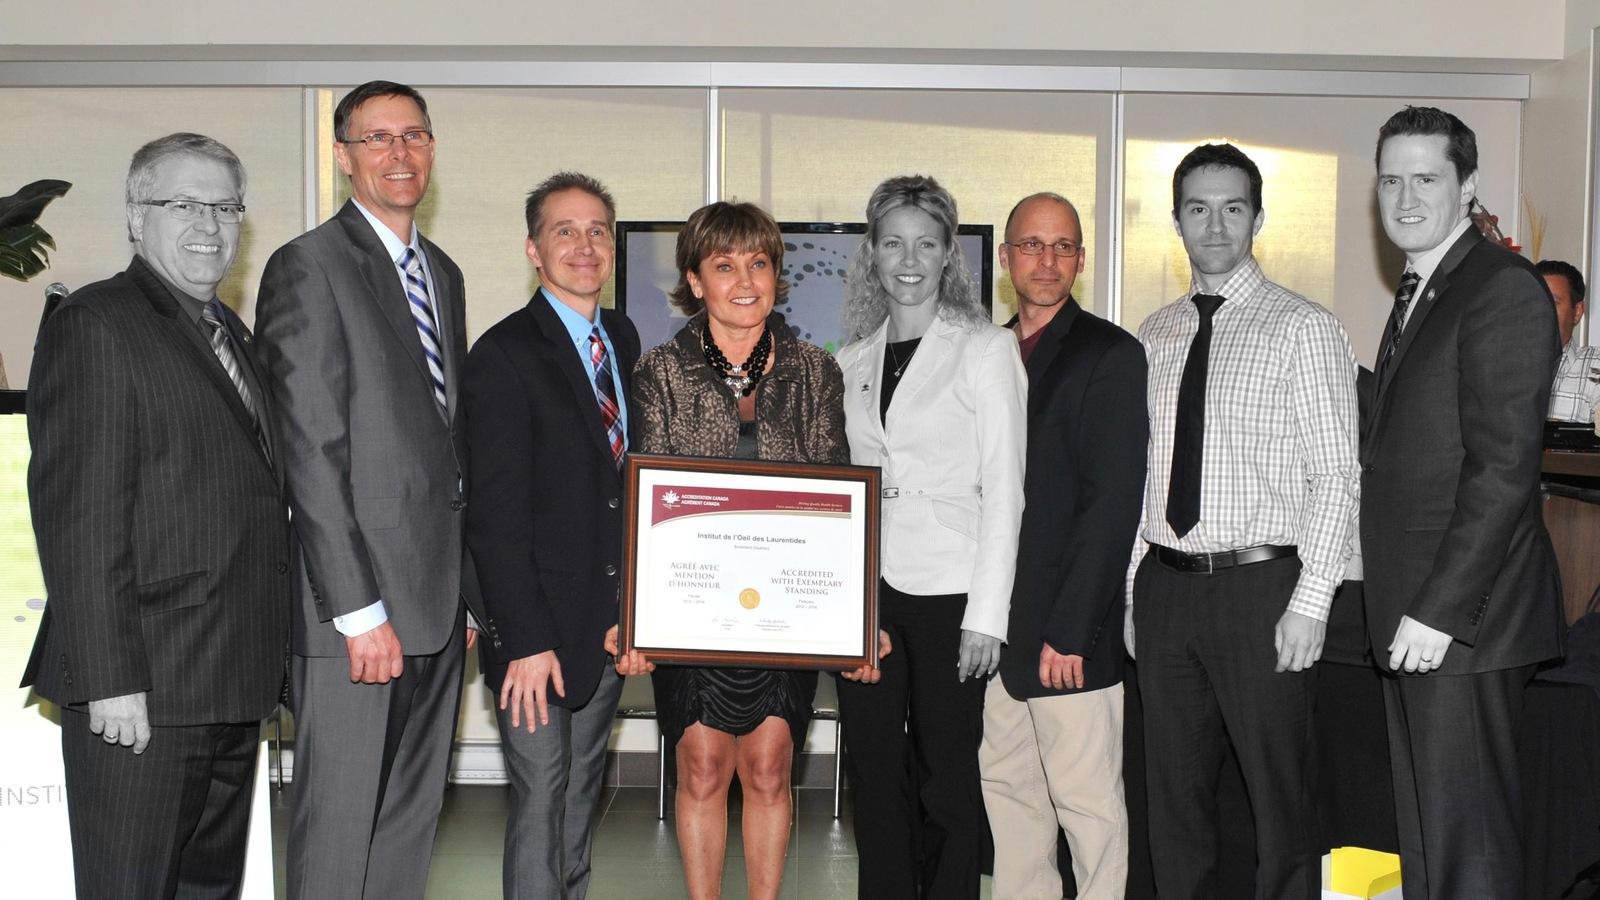 Sur cette photo prise en 2012, on voit - en couleur - les quatre ophtalmologistes qui ont fondé l'IOL. Dans l'ordre : Laurent Lalonde, Martin Boileau, Suzanne Racine et Robert Lepage.